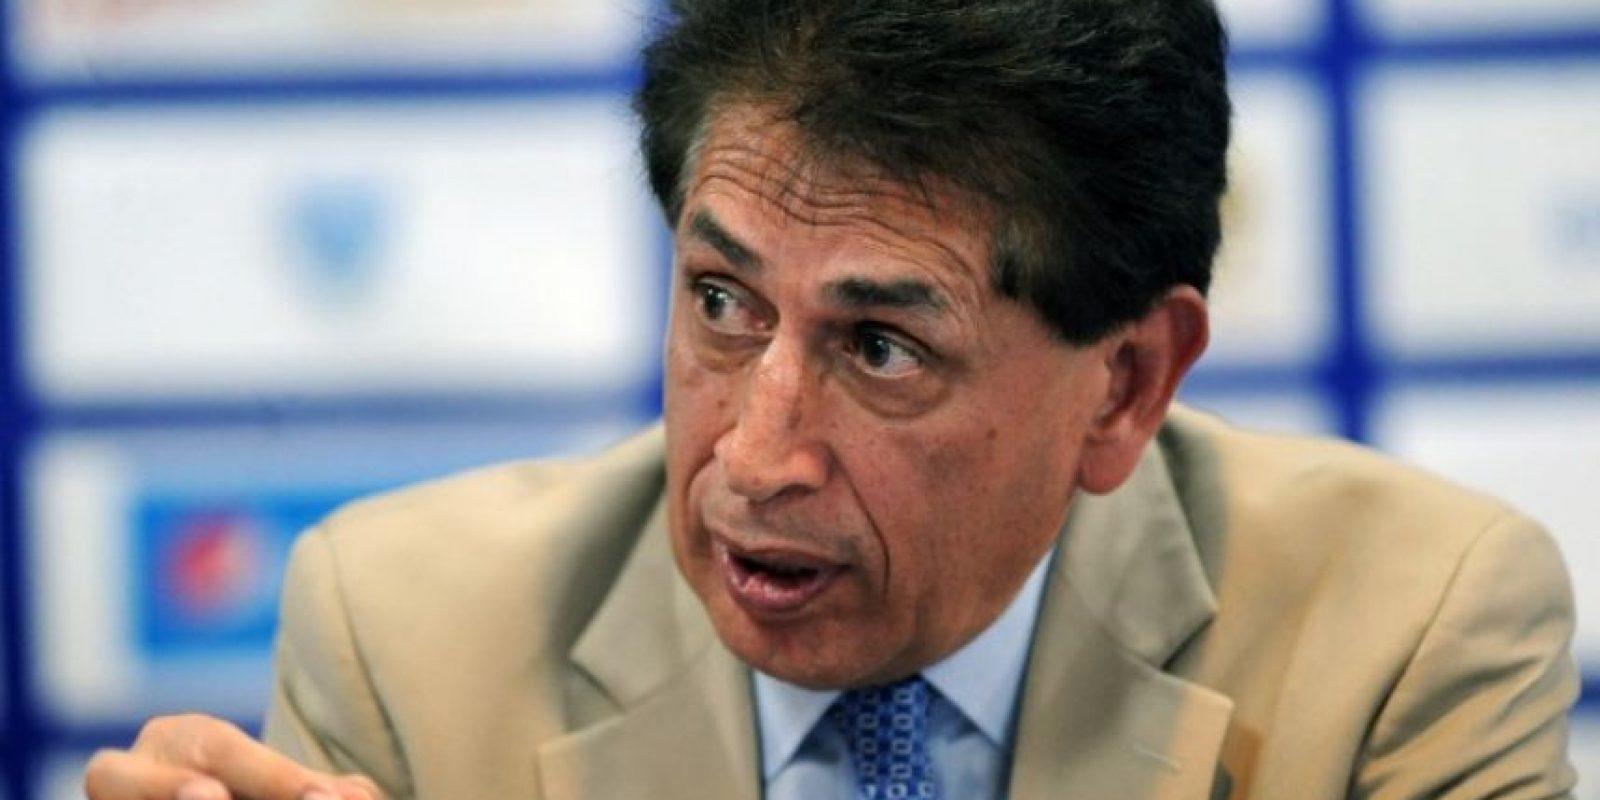 El 22 de diciembre se celebrará la Asamblea del Futbol para decidir qué pasará con el comité ejecutivo. Foto:Publinews